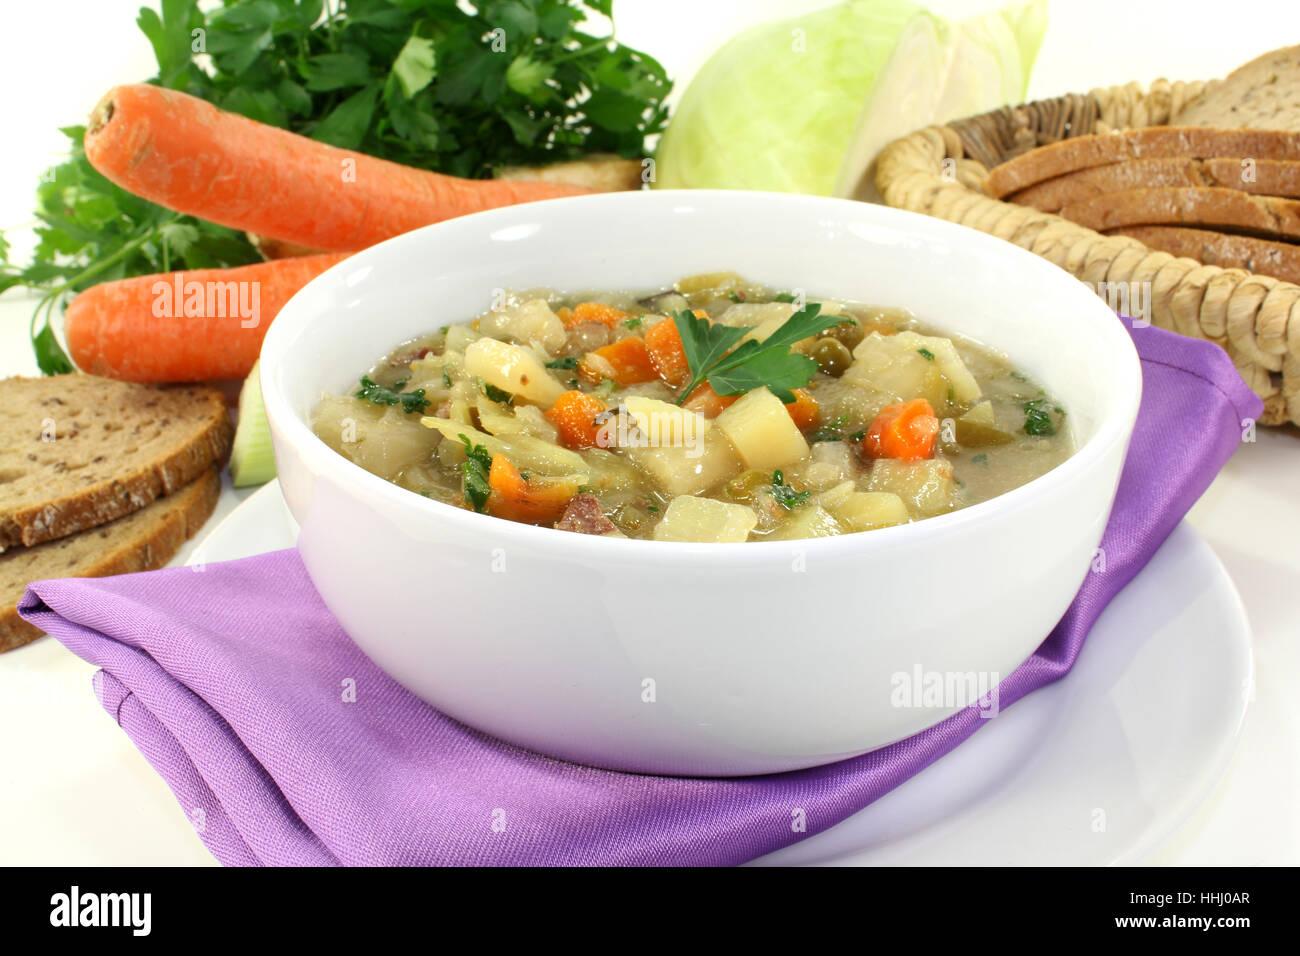 Soup Kitchen Meal Food Dish Meal Supper Dinner Mulligan Pottage Soup Kitchen